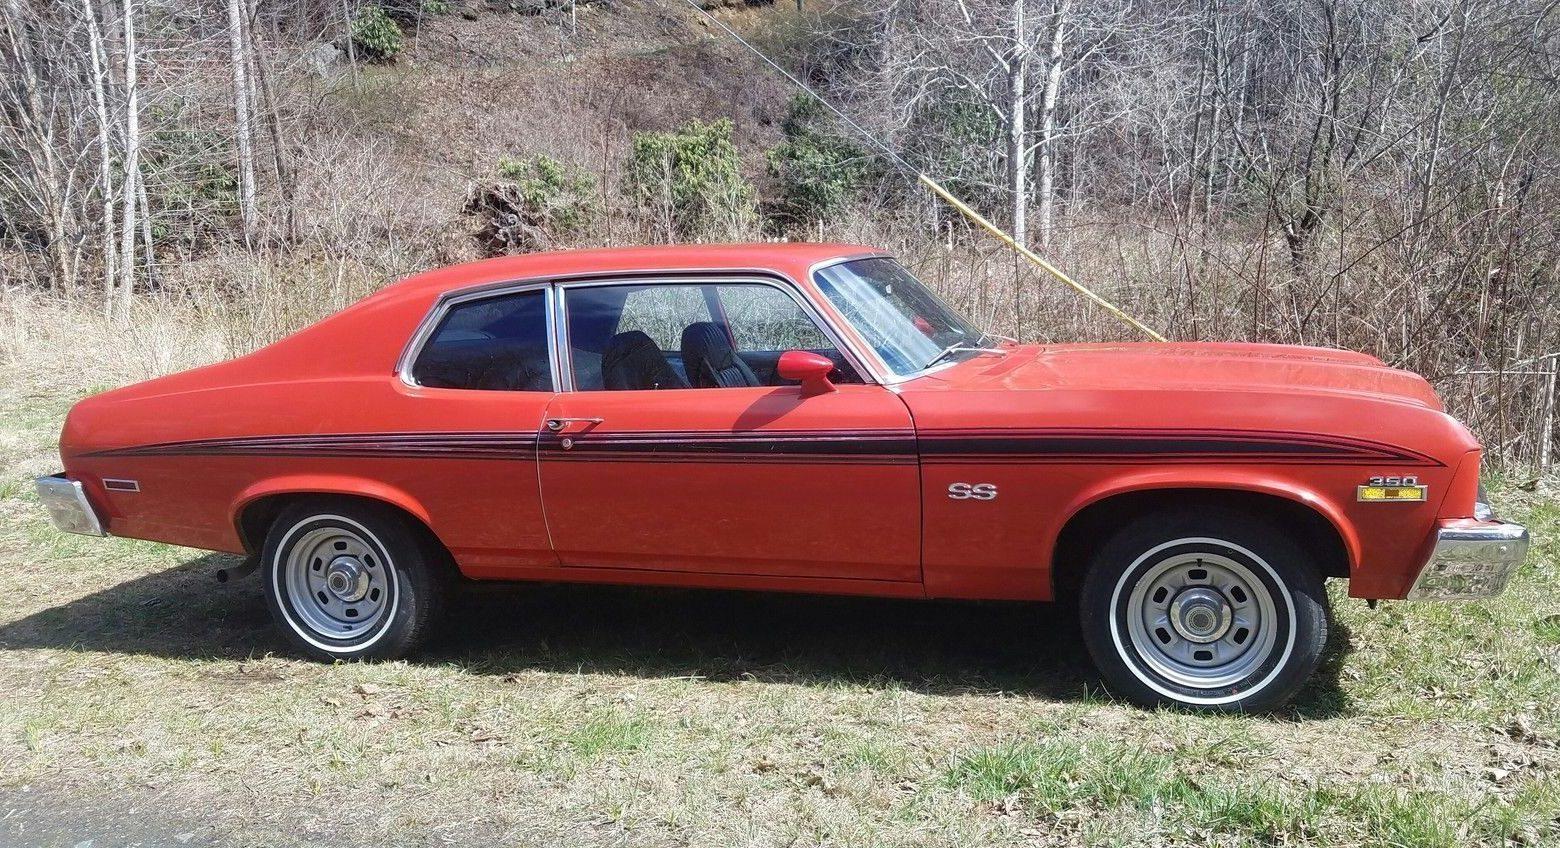 2017 Ss Chevrolet >> What's The Restovivor Story? 1973 Chevy Nova SS